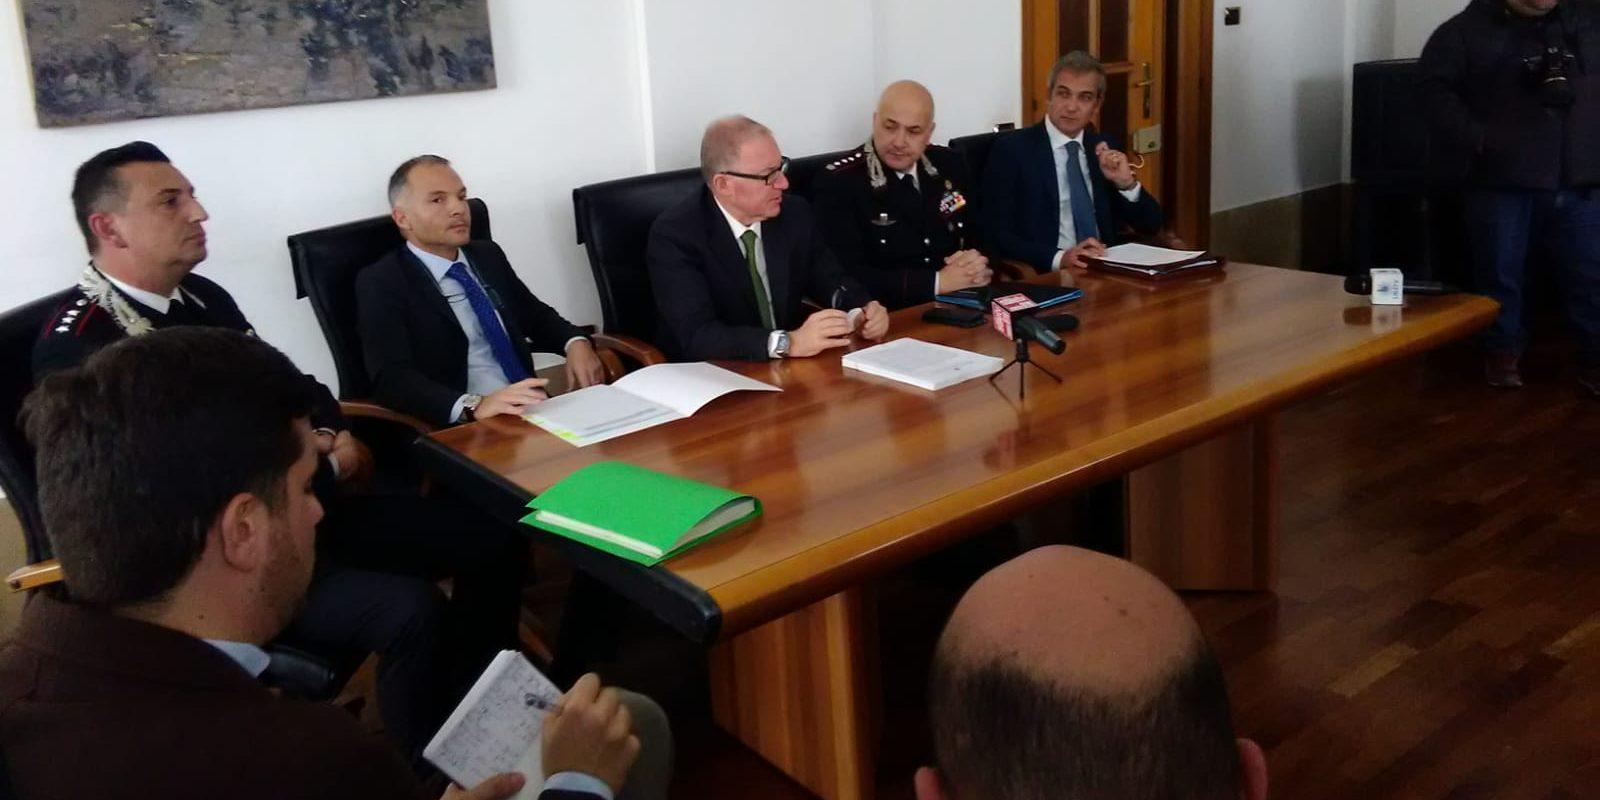 Agropoli, minacciavano cittadini e Carabinieri. Arrestata la banda di zingari.